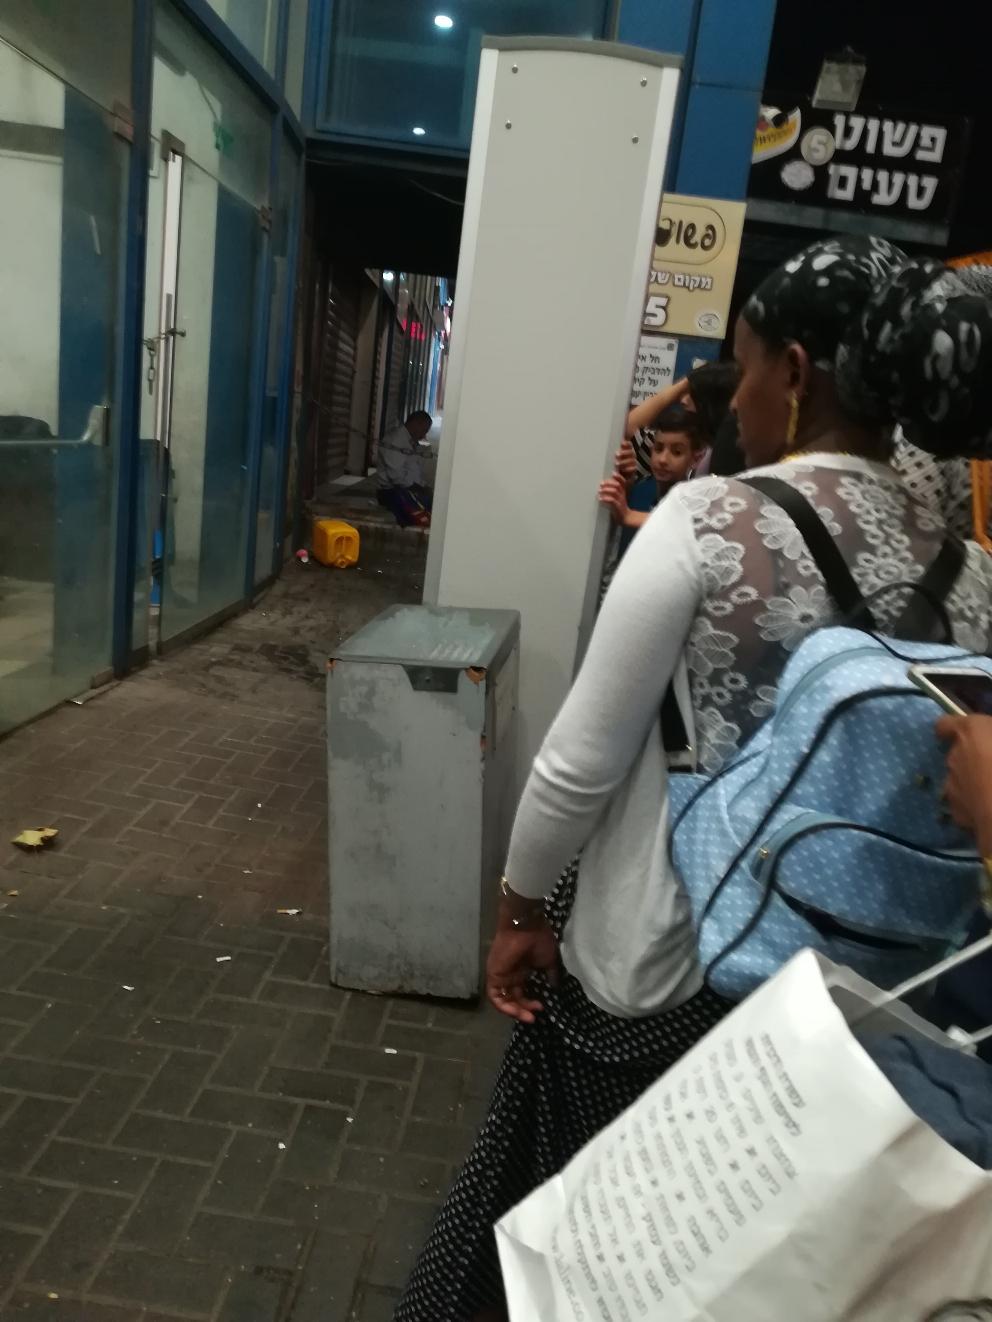 Der Eingang zur Central Bus Station. Noch geschlossen am Ende des Shabat. Gleich müssen alle durch die Kontrolltore. und wir reihen uns alle brav ein.  Ich fahre nach Hause- nach Haifa.